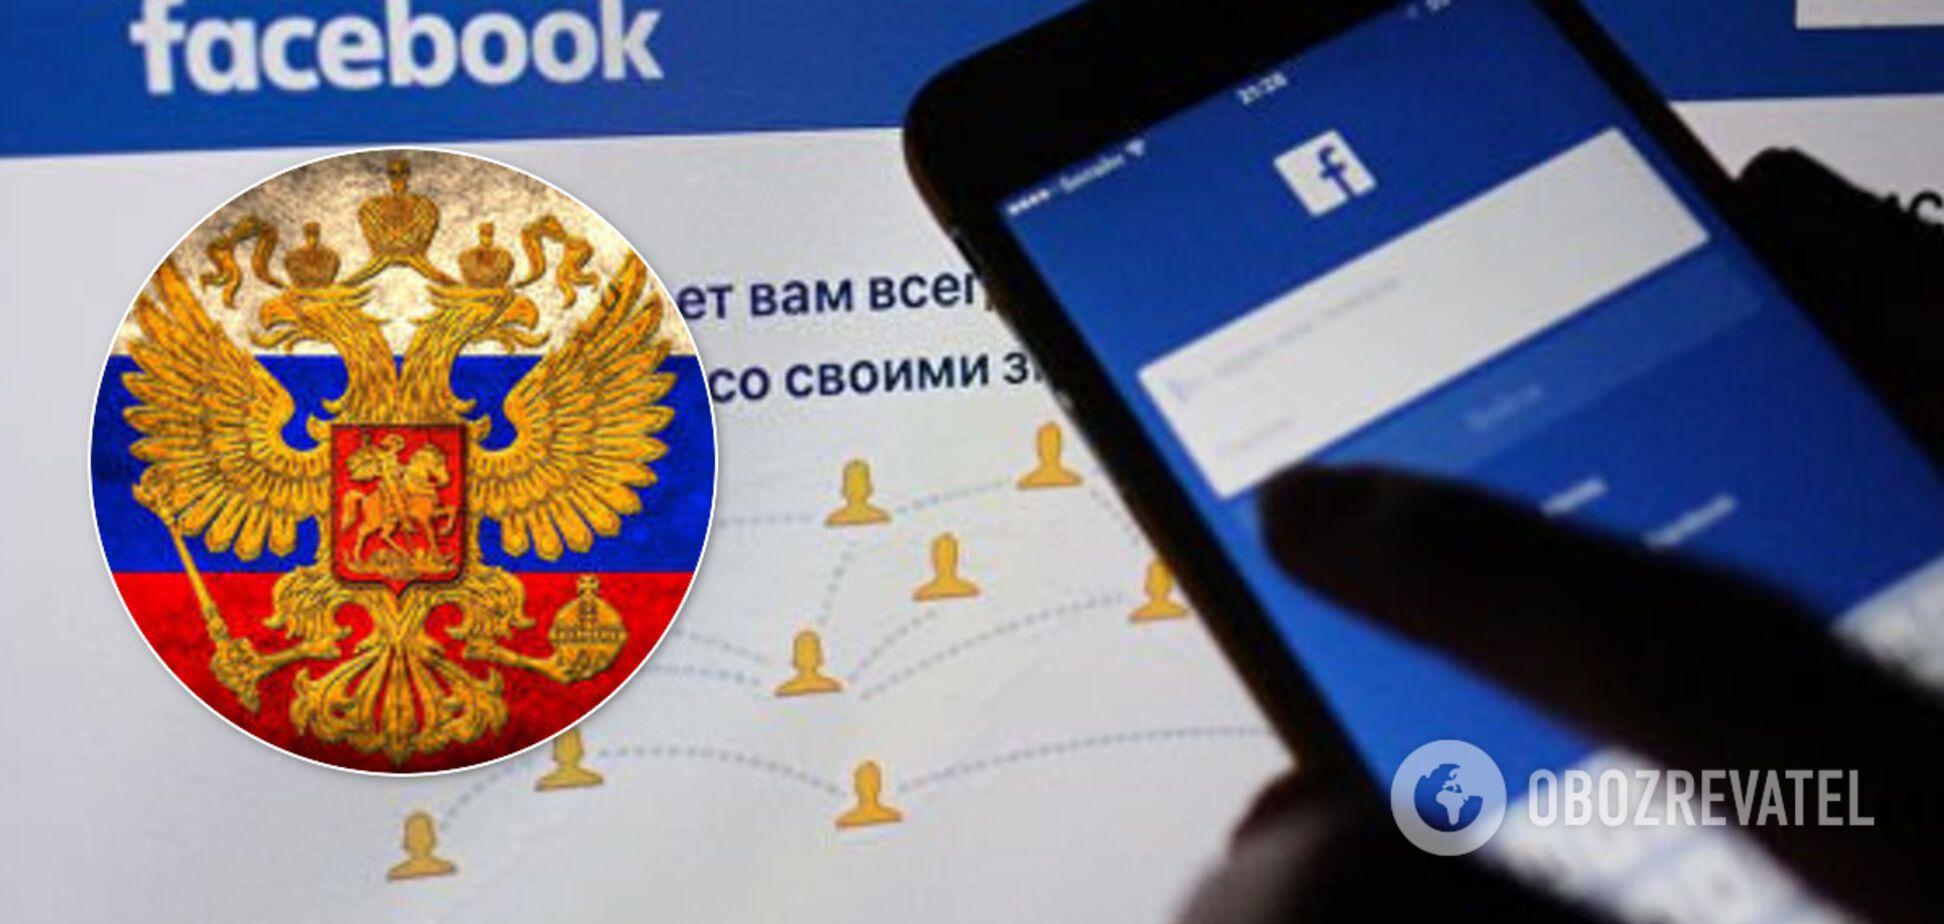 Facebook раскрыл сеть спецслужб России, которая запускала фейки об Украине